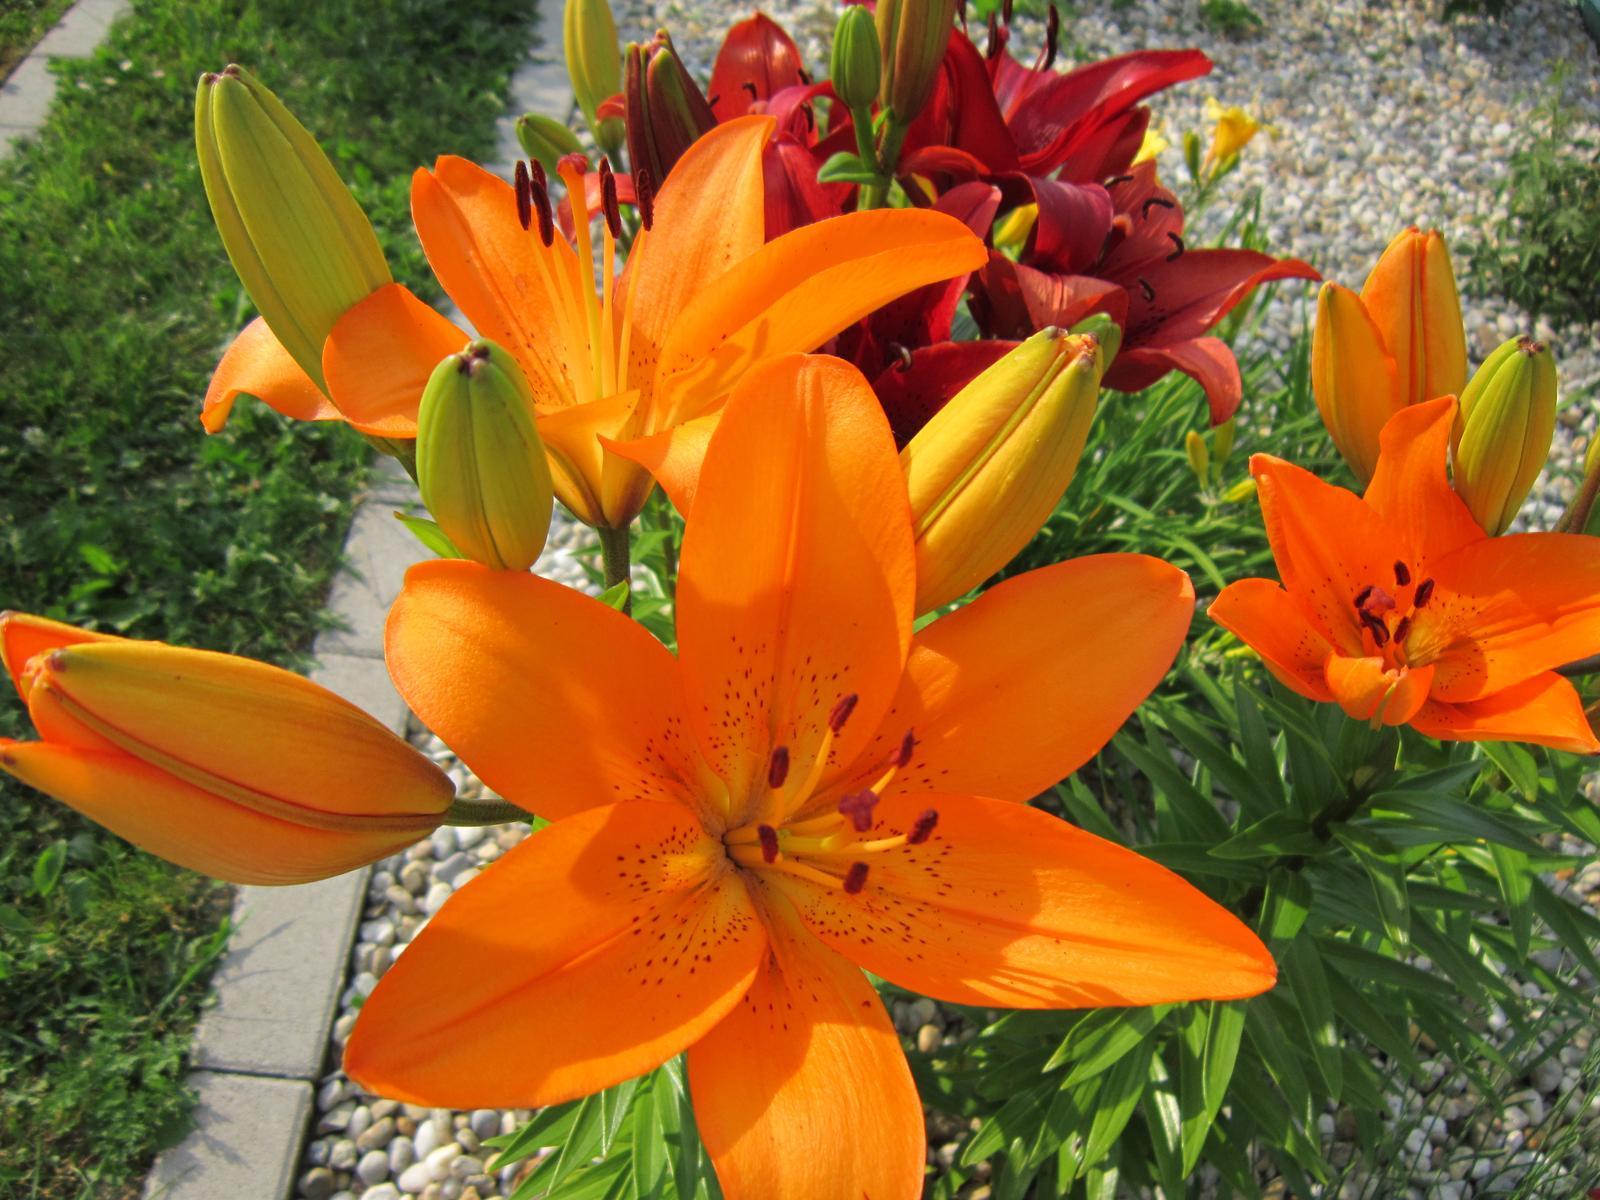 Moja záhrada...ako šiel čas - Obrázok č. 108